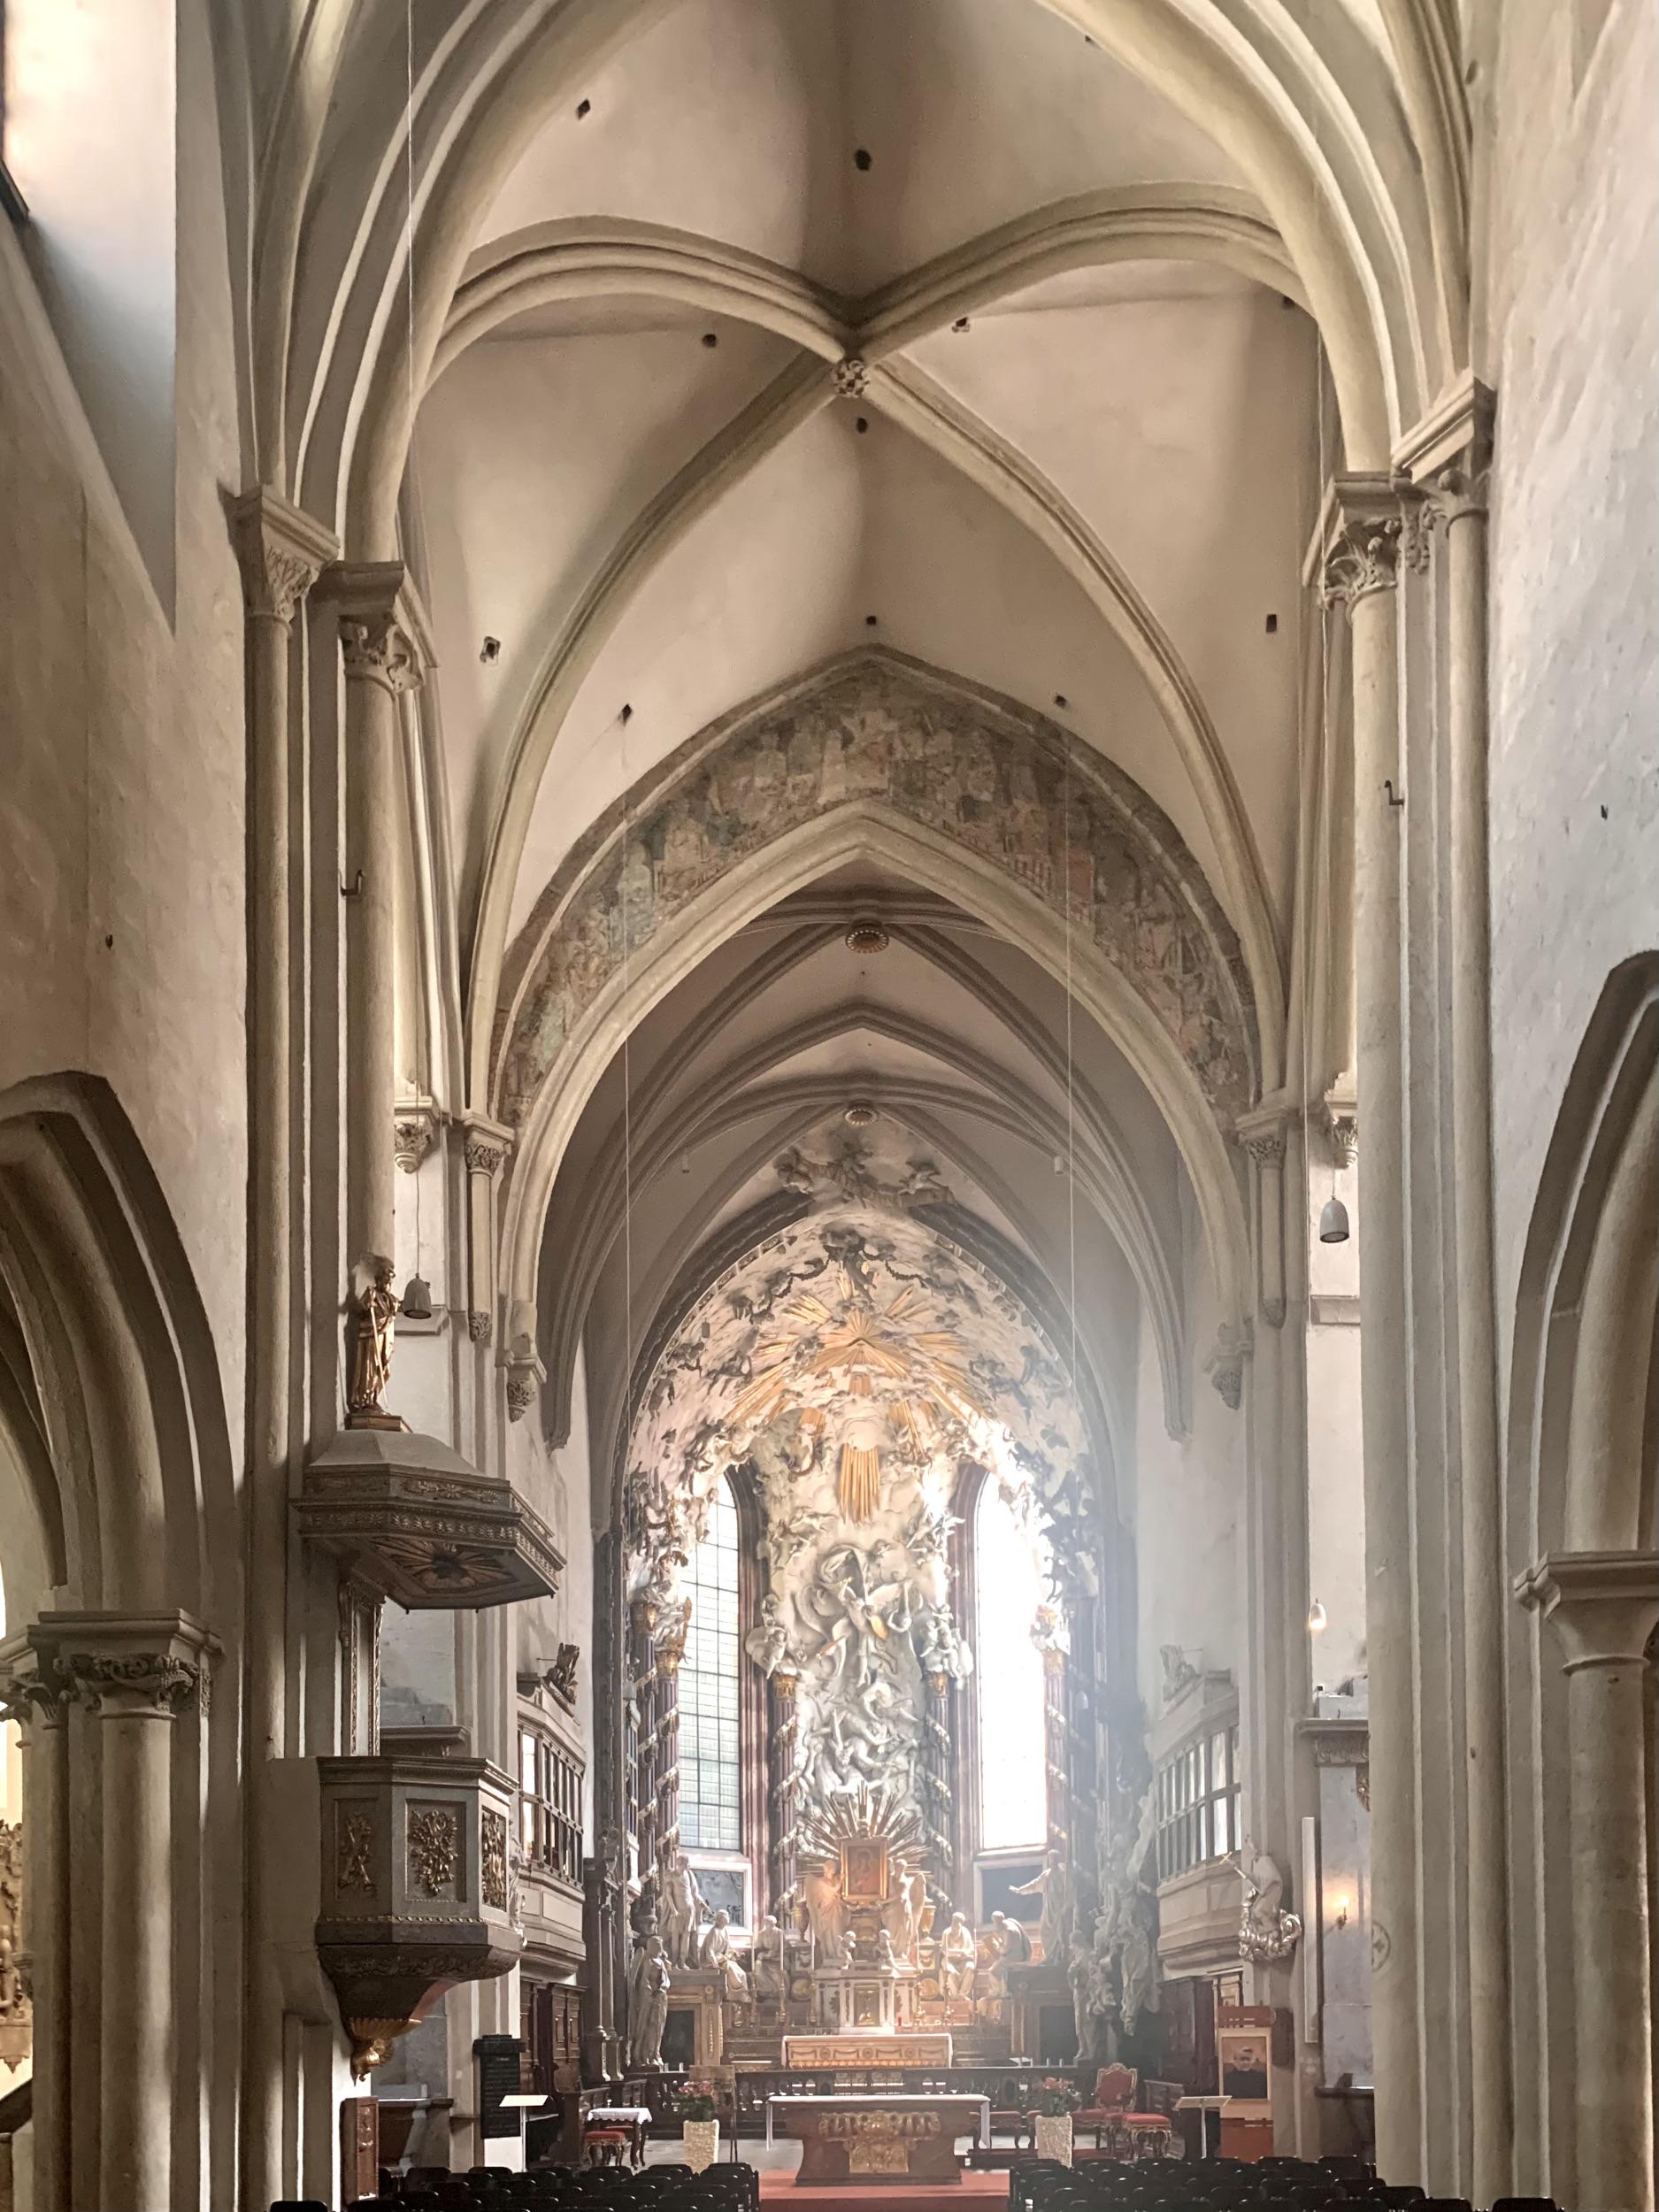 michaeler kirche wien mit herausragendem Barockaltar